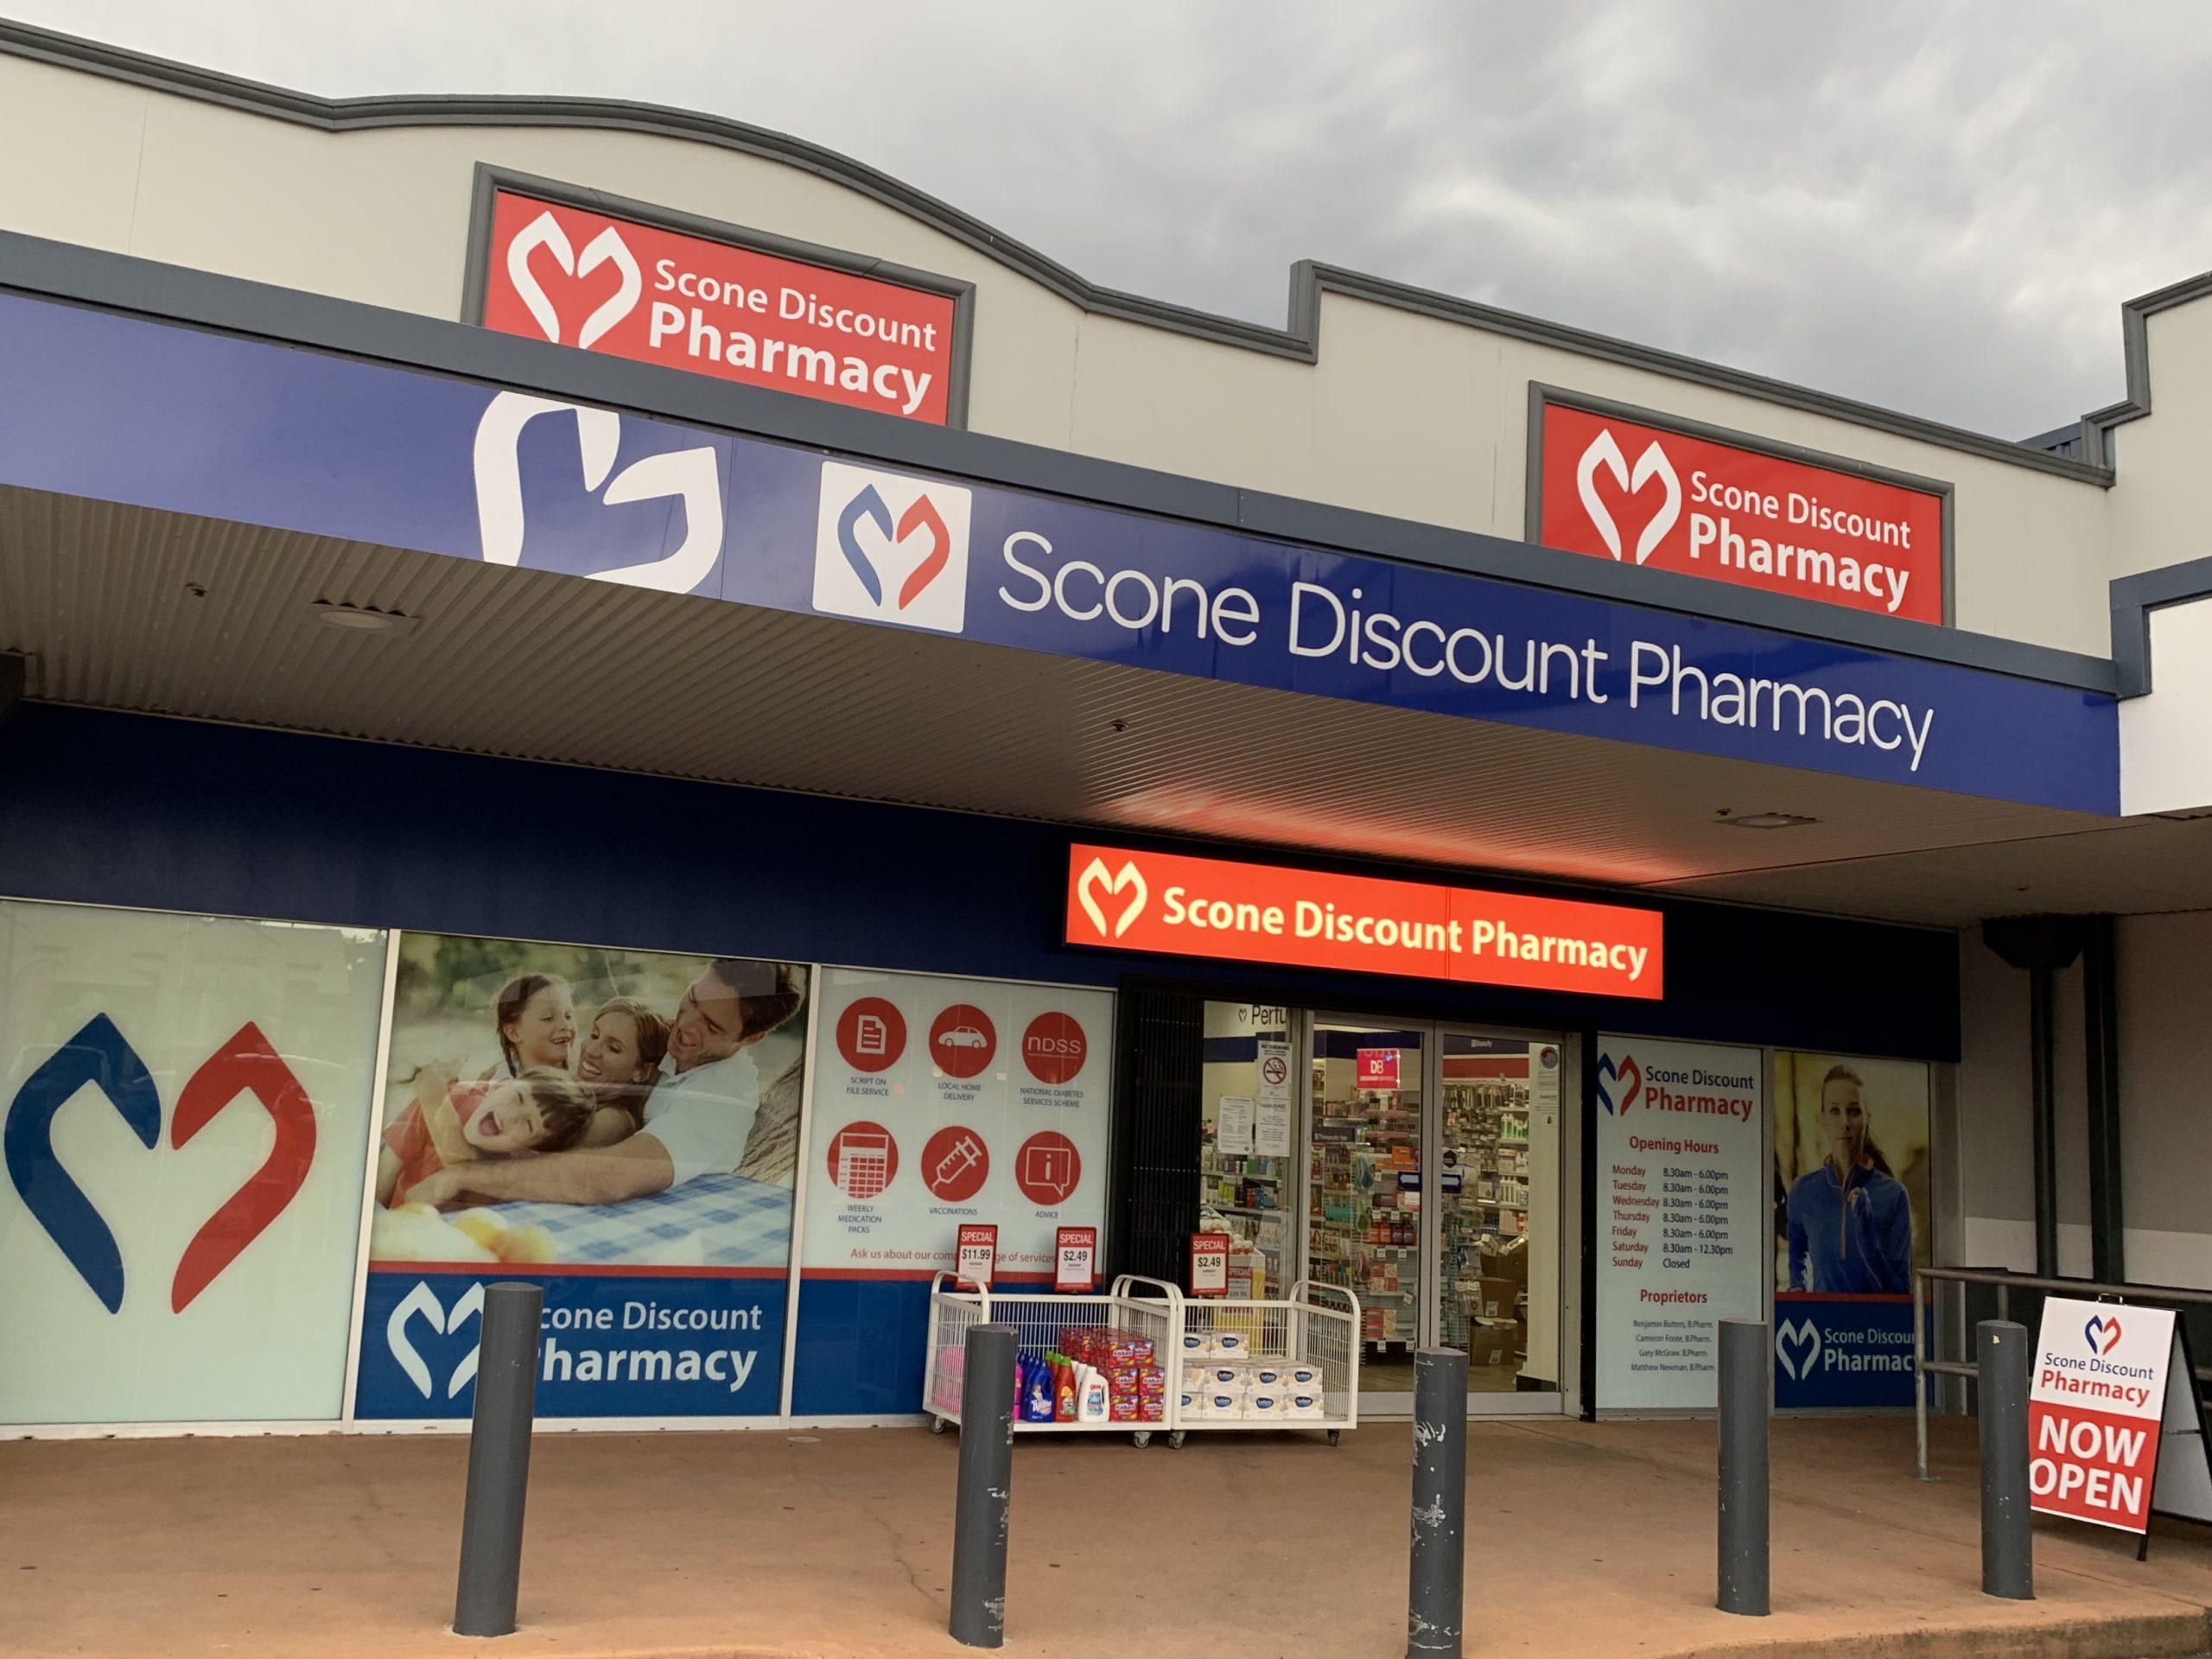 Scone Discount Pharmacy